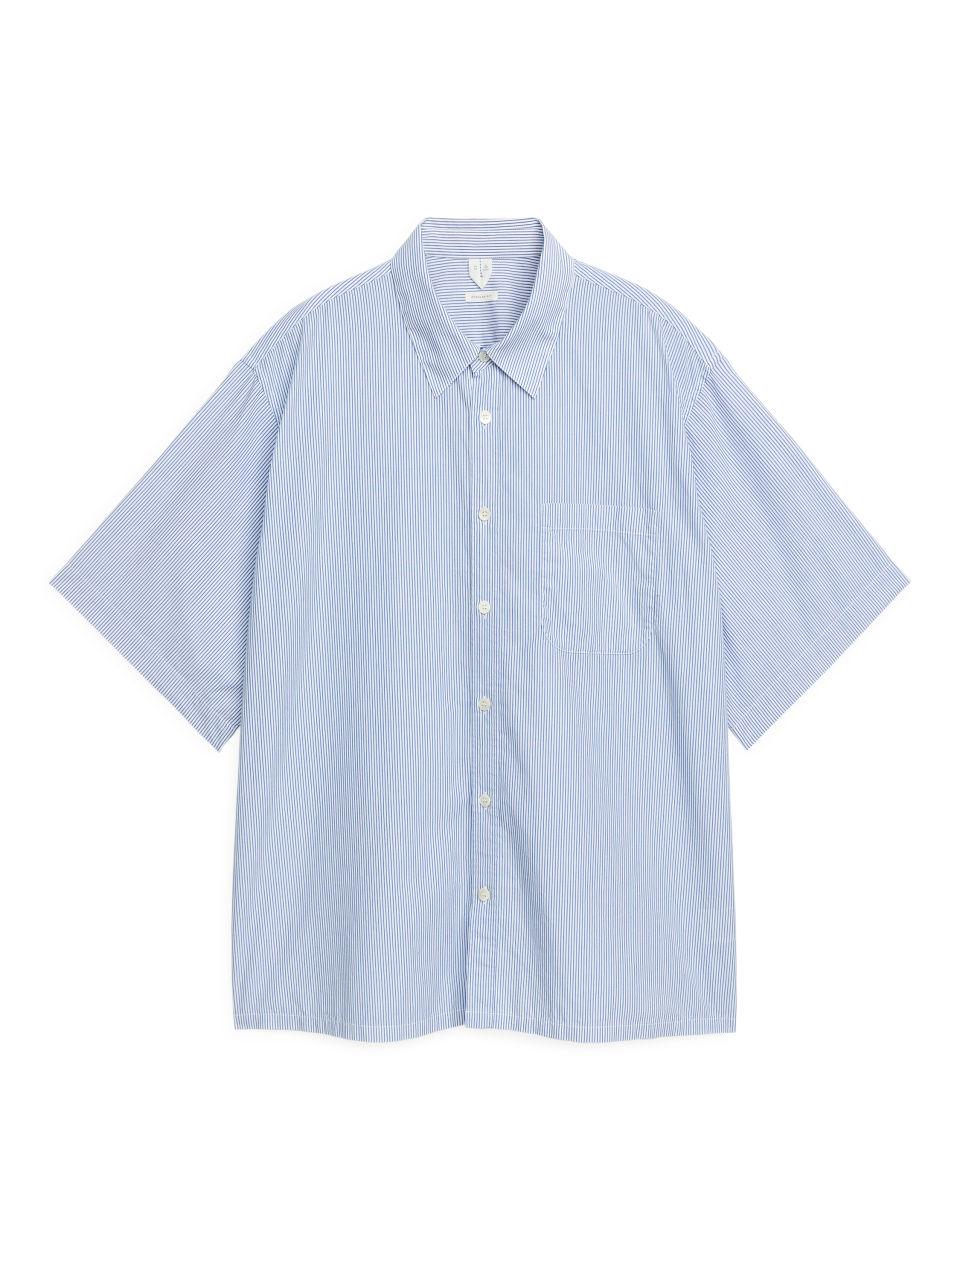 Short-Sleeved Cotton Shirt - Blue